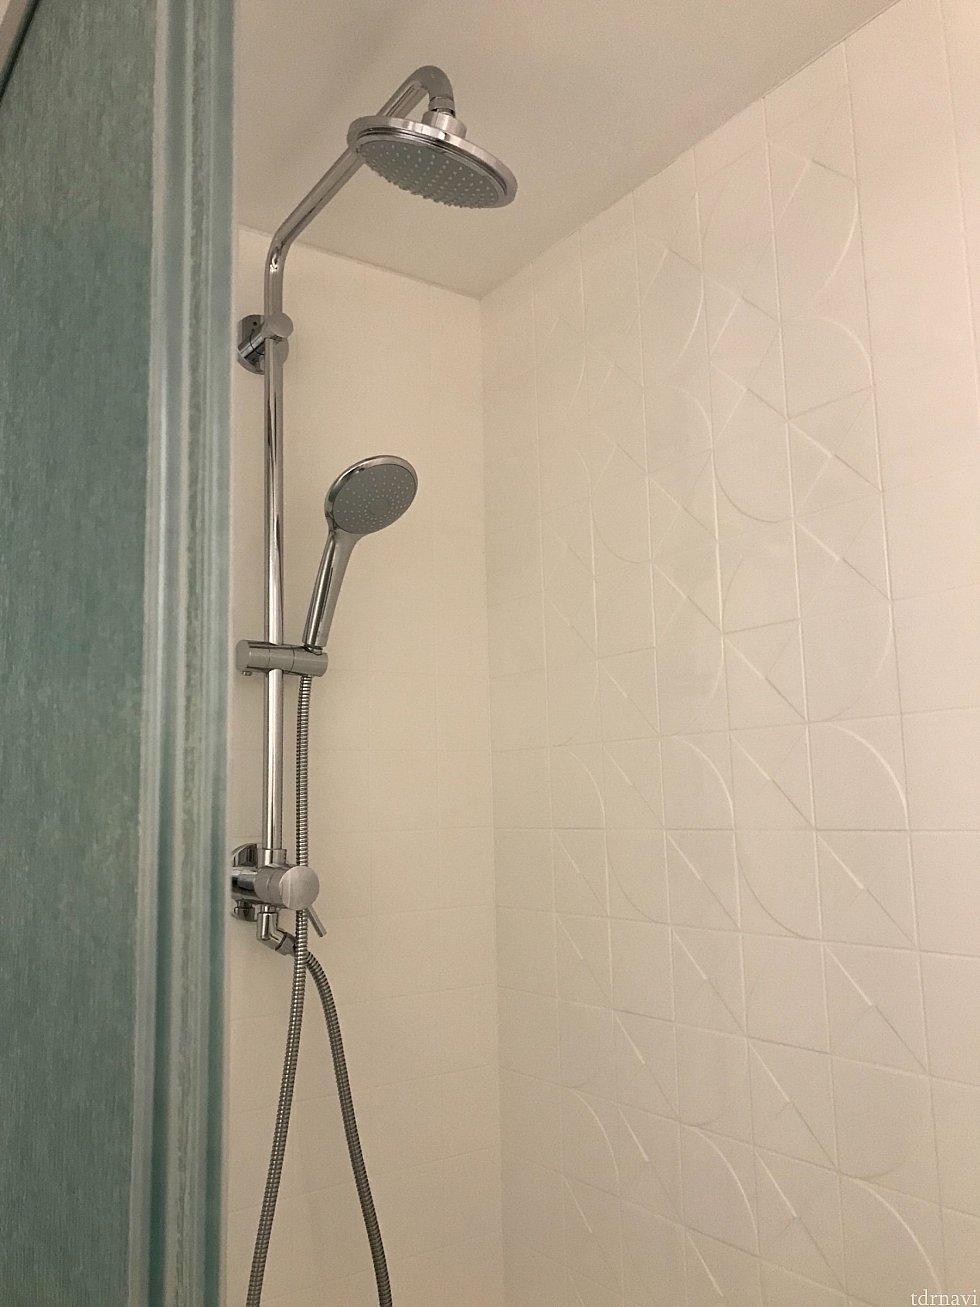 シャワーは2種類